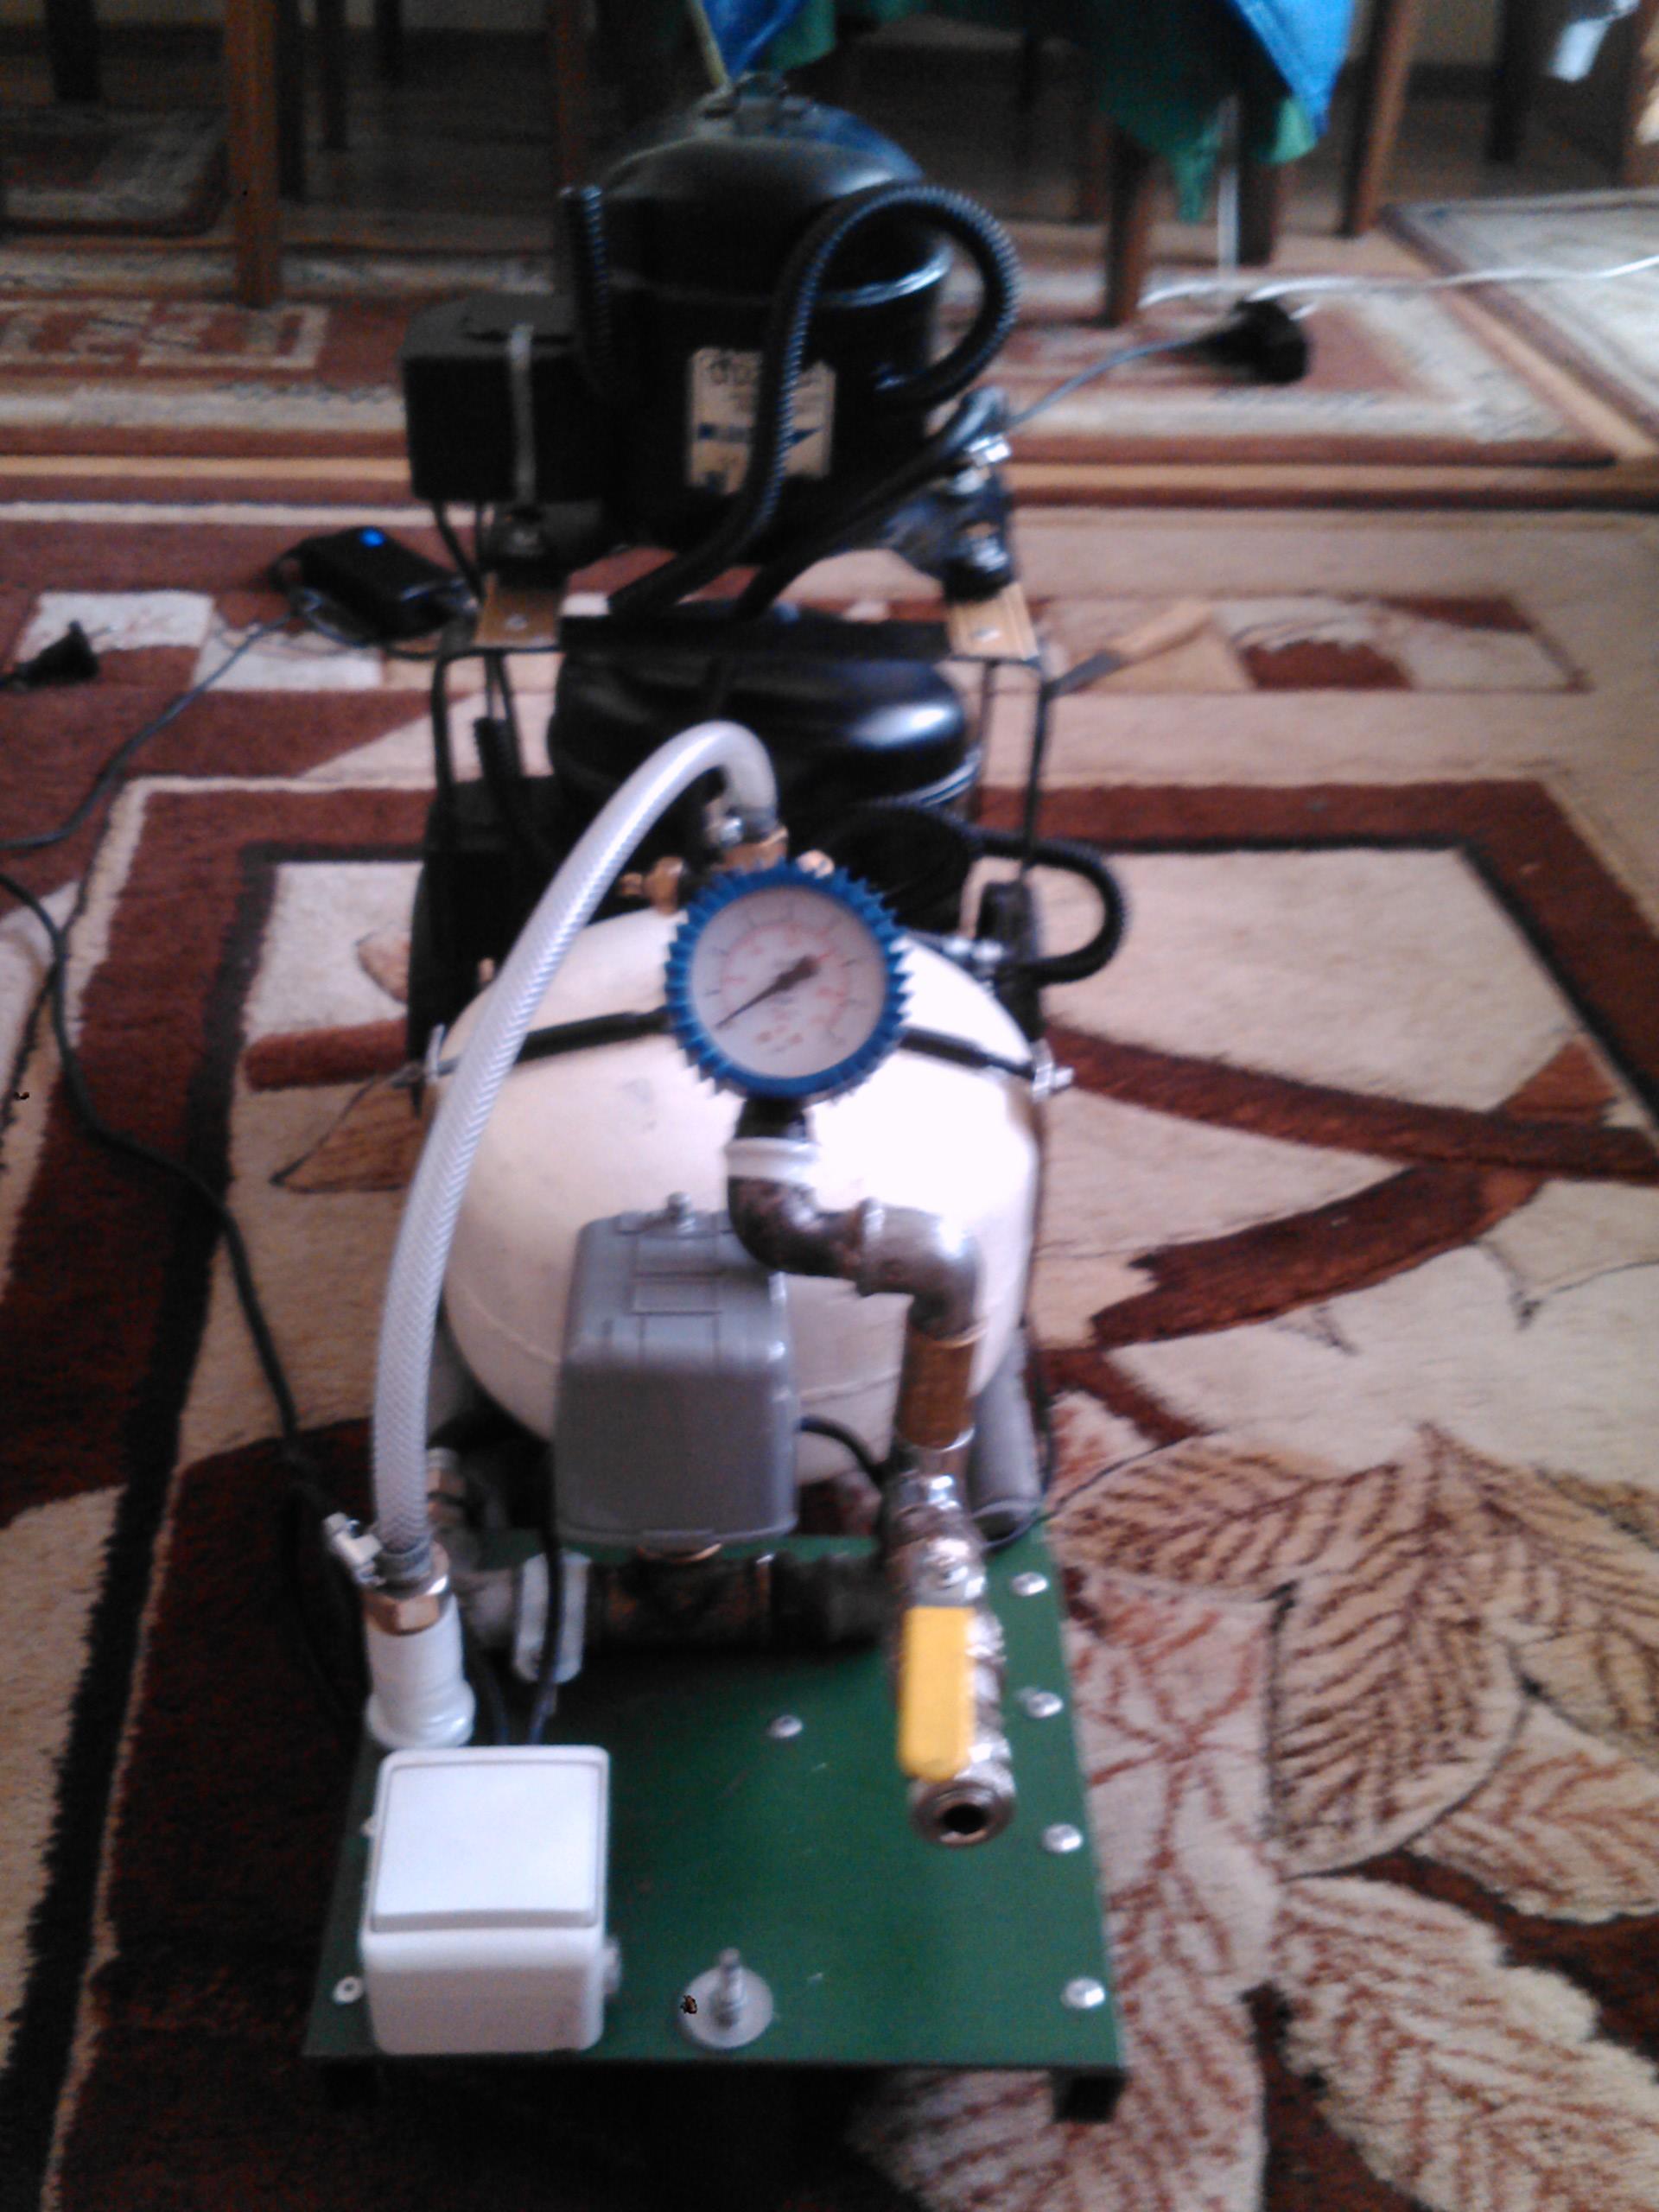 Kompresor lod�wkowy modelarski i do roweru